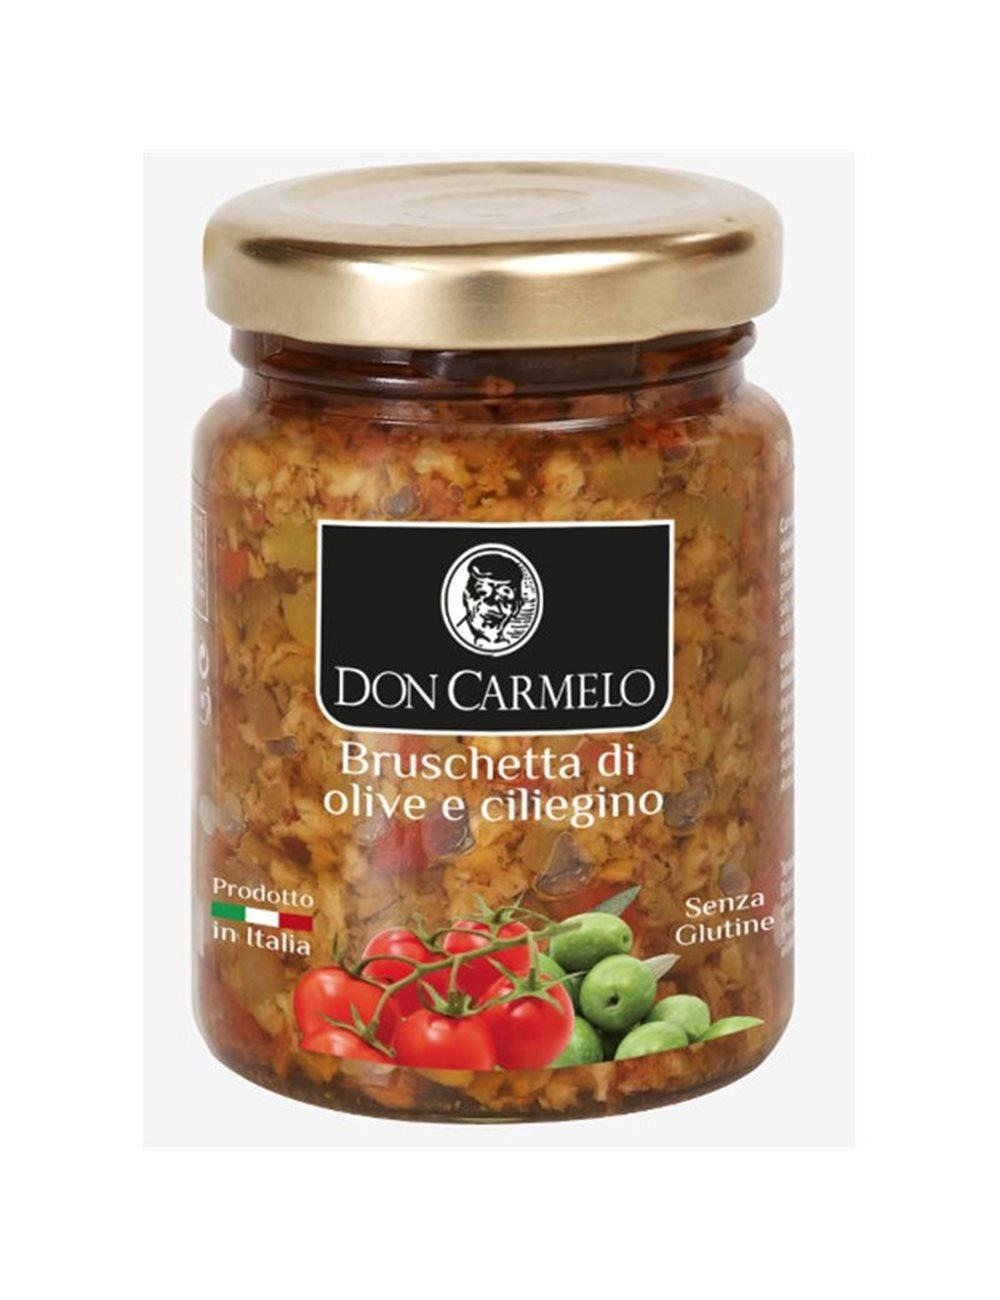 Don Carmelo Bruschetta di Olive e Ciliegino 100gr